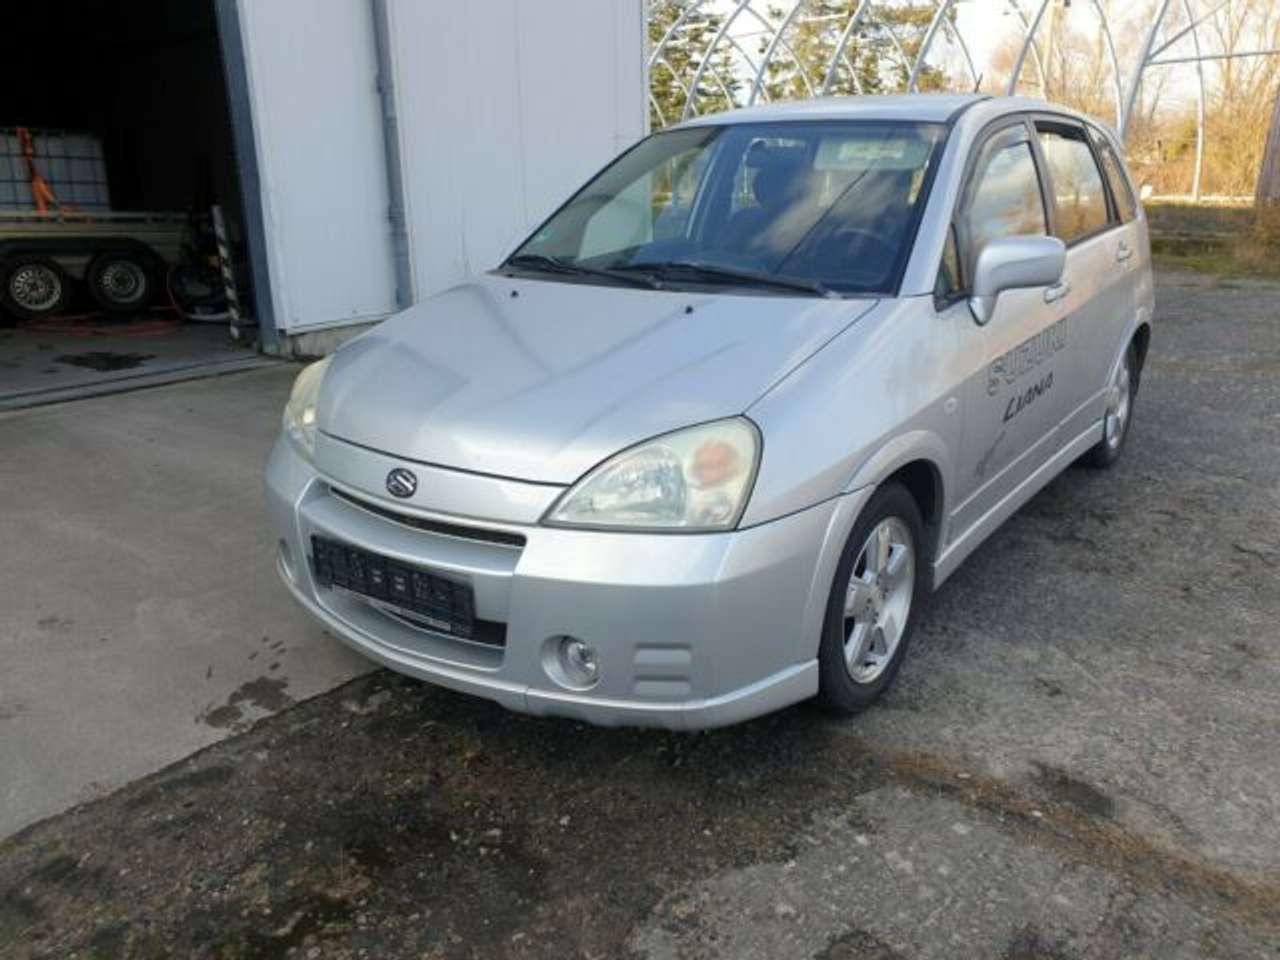 Autos nach Suzuki Liana 1.6 2WD